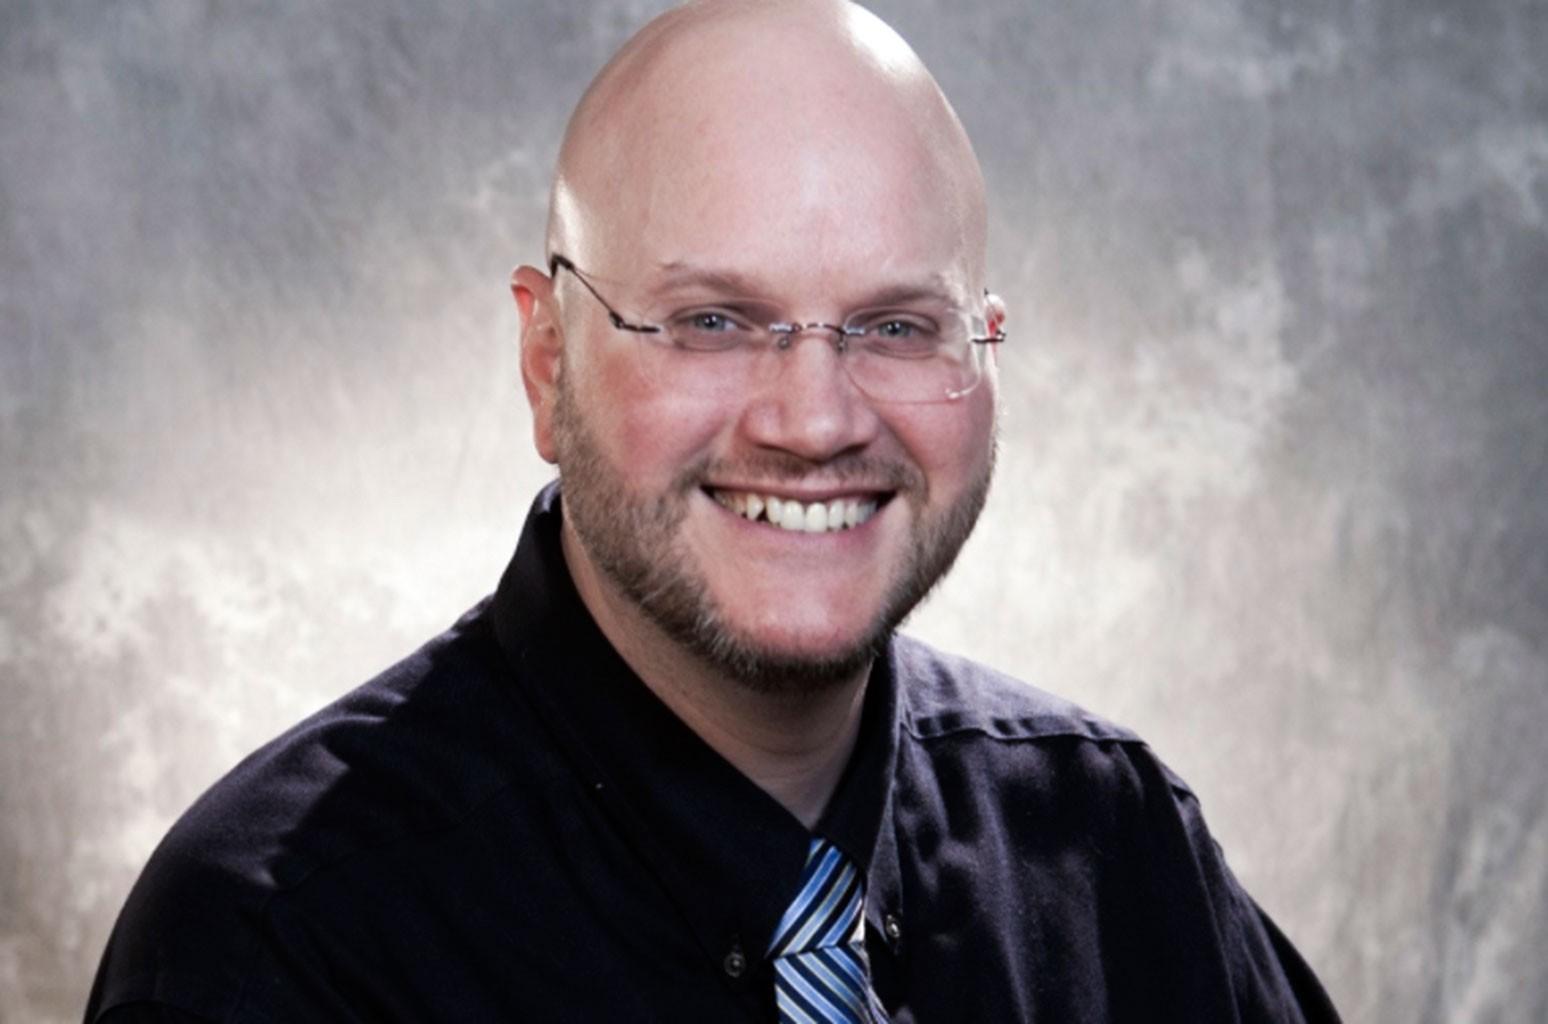 Jay Swartzendruber